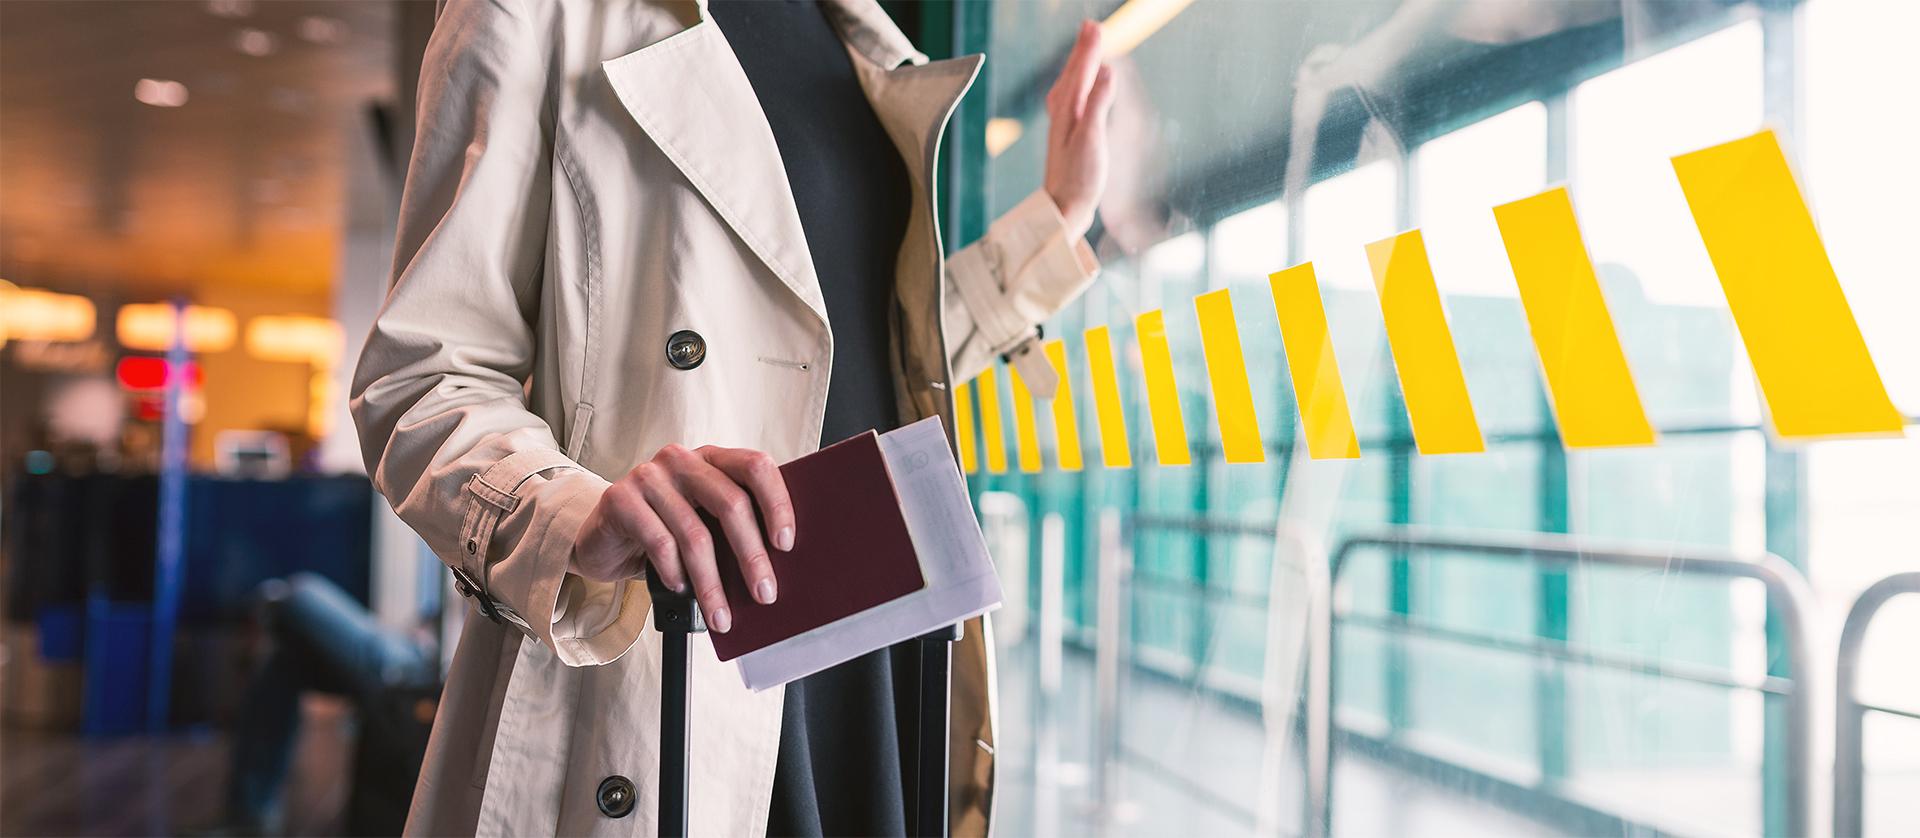 Frau hält Reisepass und weitere Dokumente am Flughafen bereit